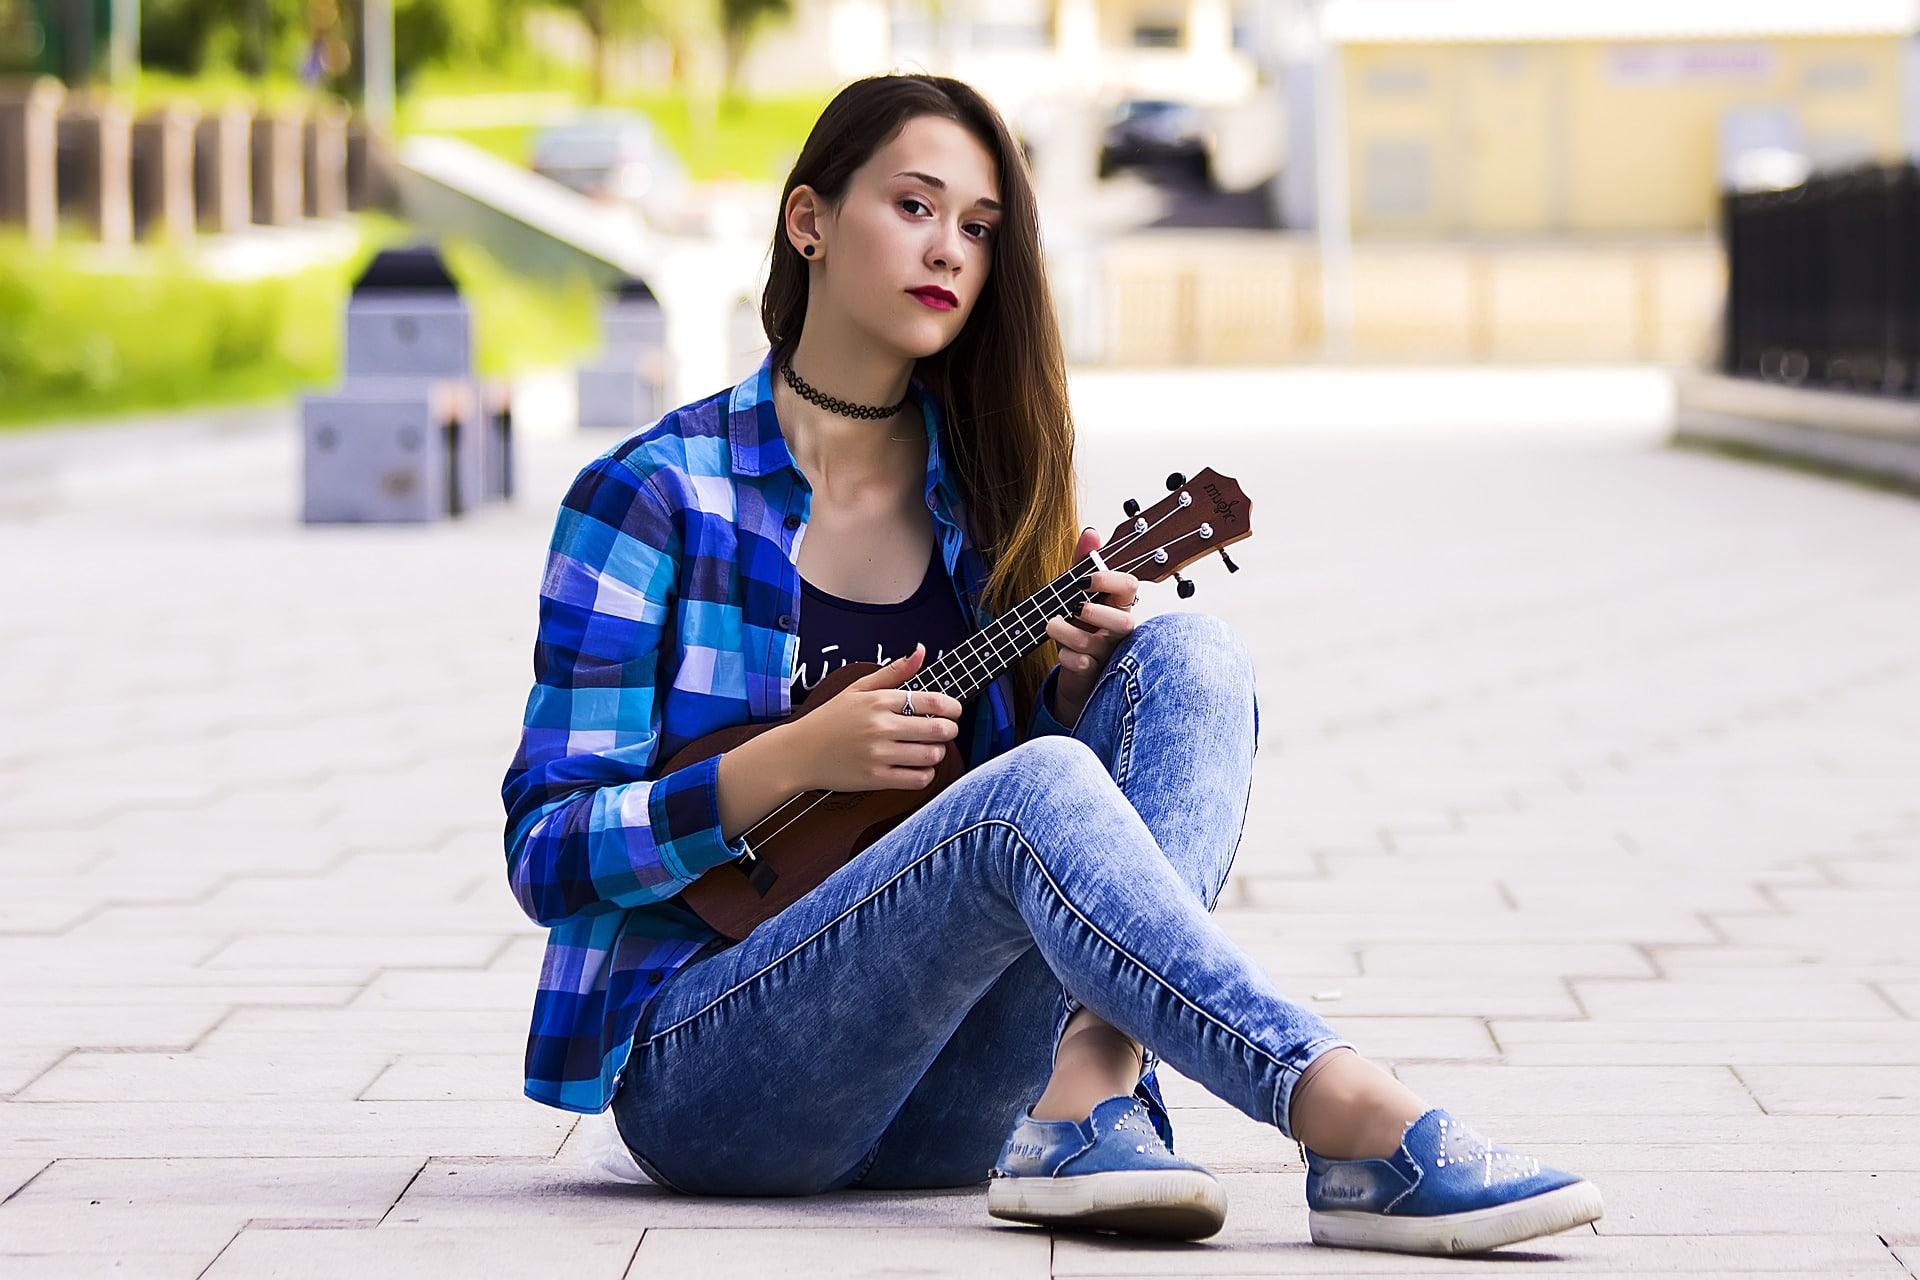 The Hot 100 ukulele covers